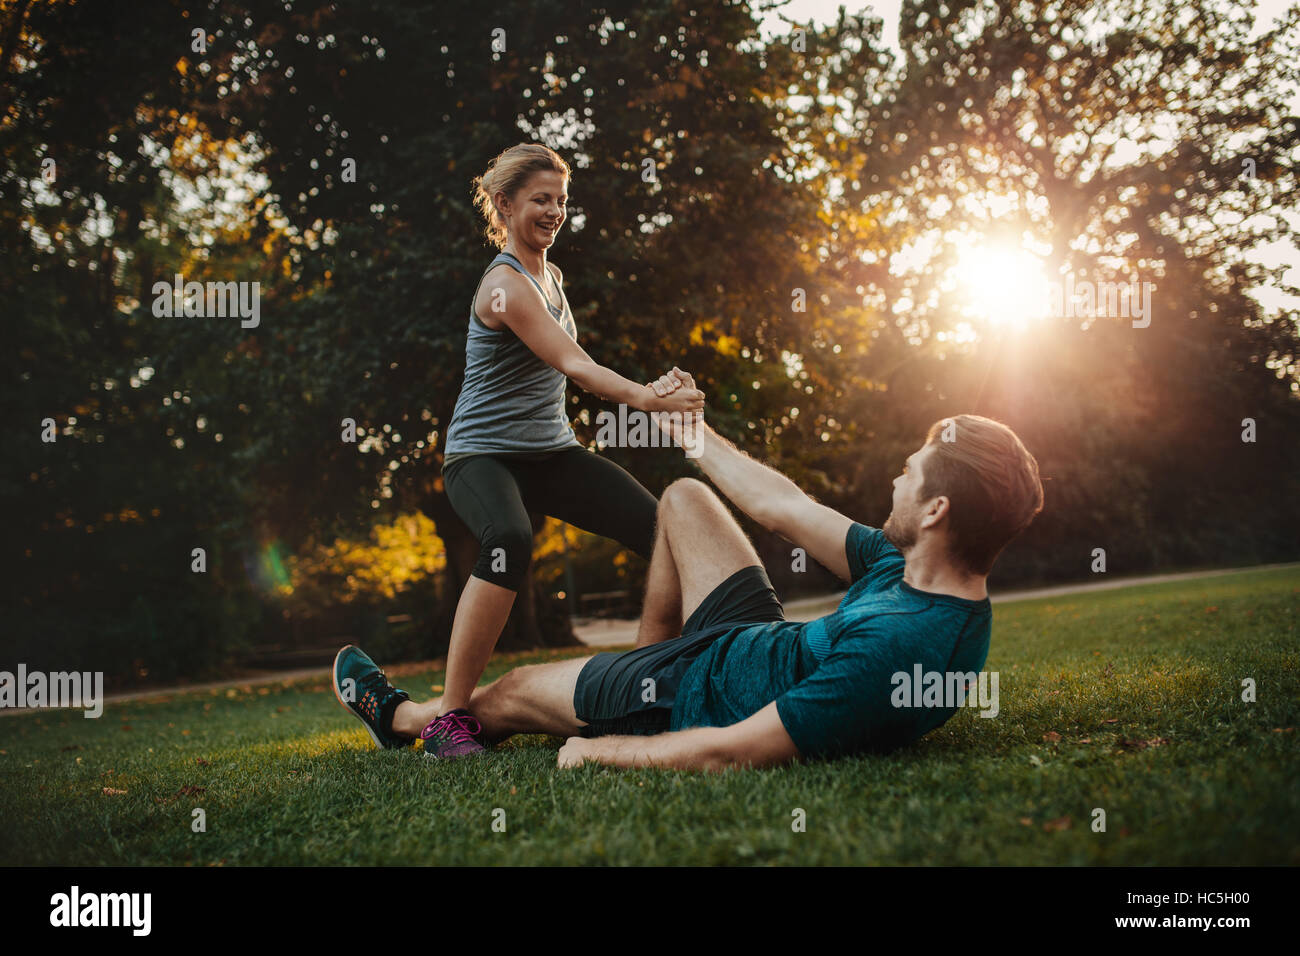 Coup de jeune femme d'aider l'homme à se lever de terre. Jeune couple à sain exercice du parc ensemble. Banque D'Images